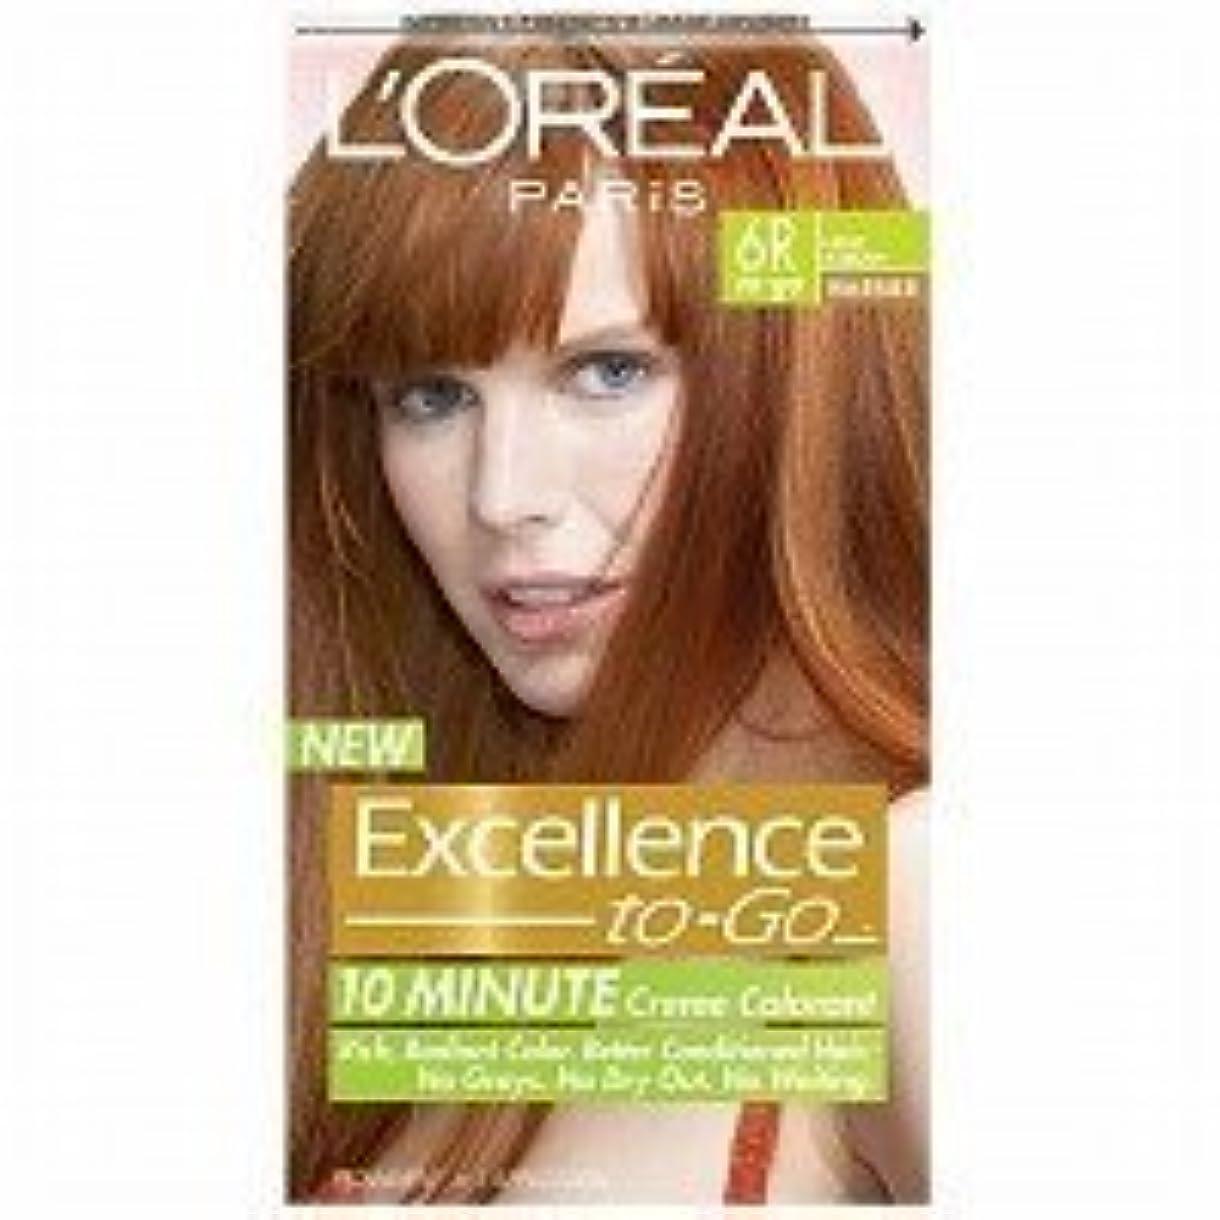 クリケット椅子すりL'Oreal Paris Excellence To-Go 10-Minute Cr?N?Nme Coloring, Light Auburn 6R by L'Oreal Paris Hair Color [並行輸入品]